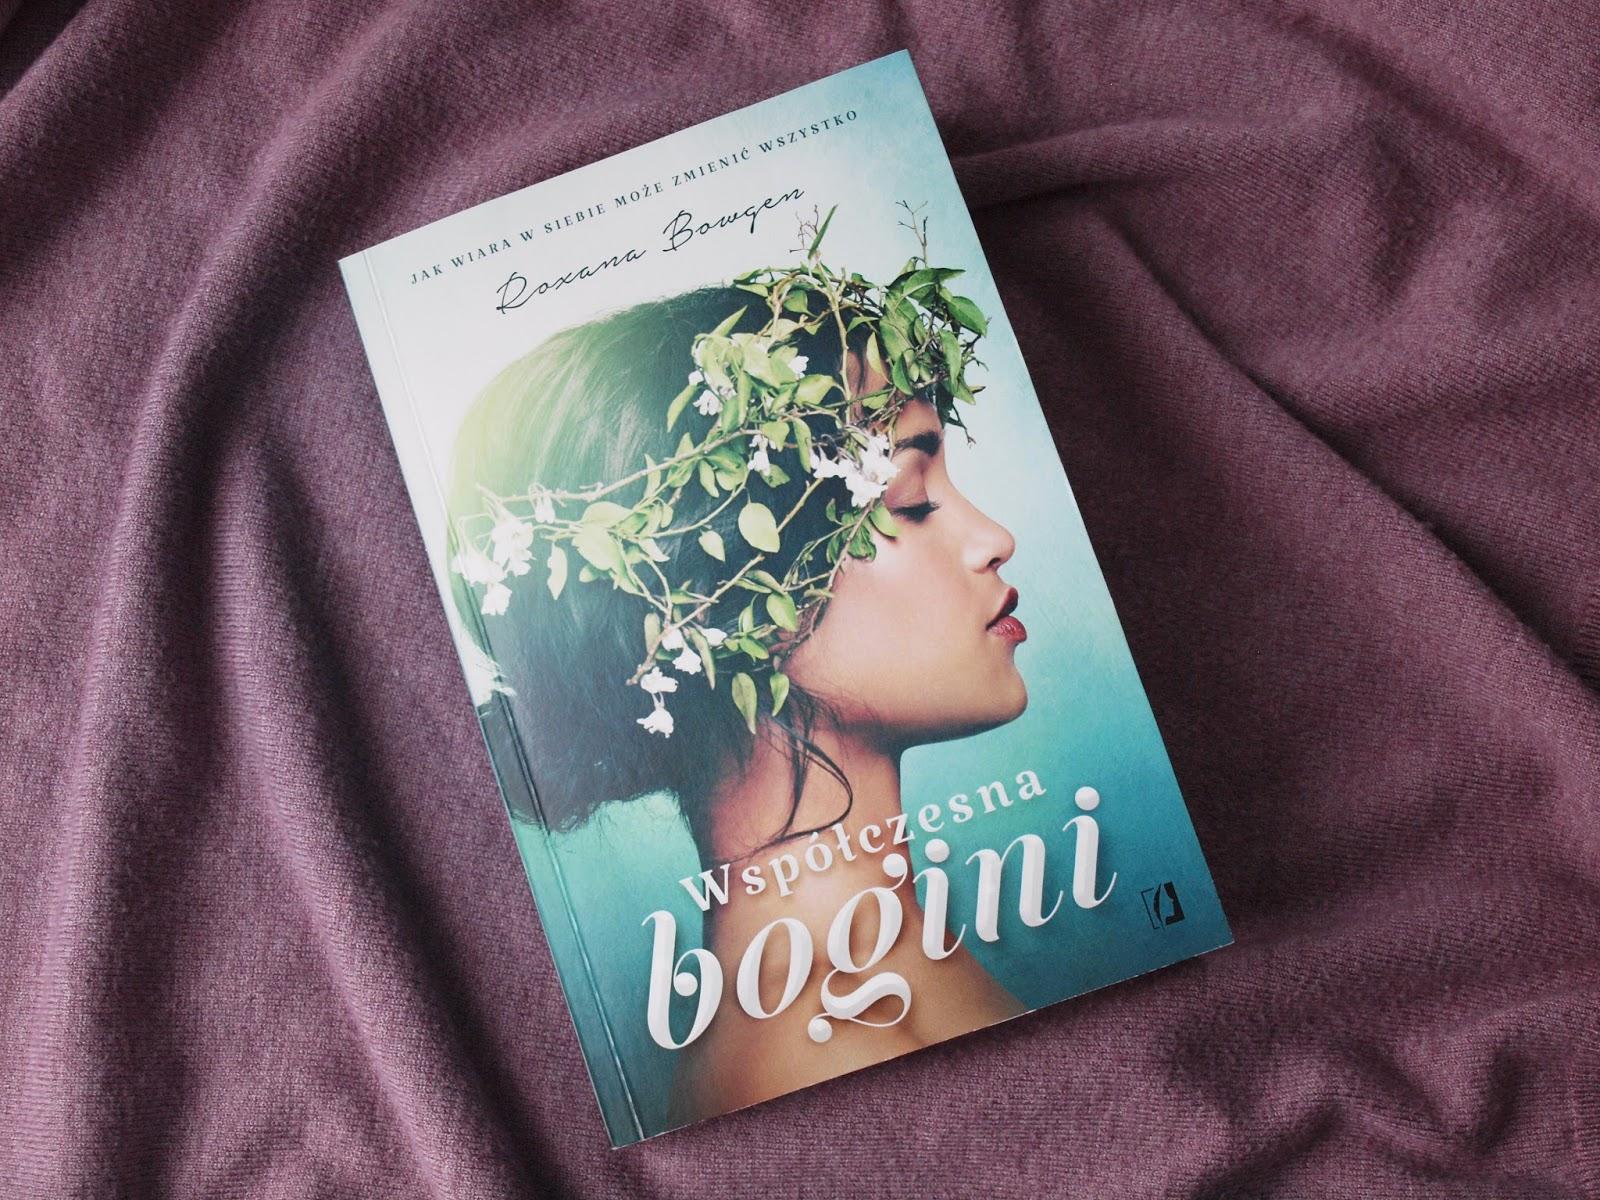 Współczesna bogini - Roxana Bowgen